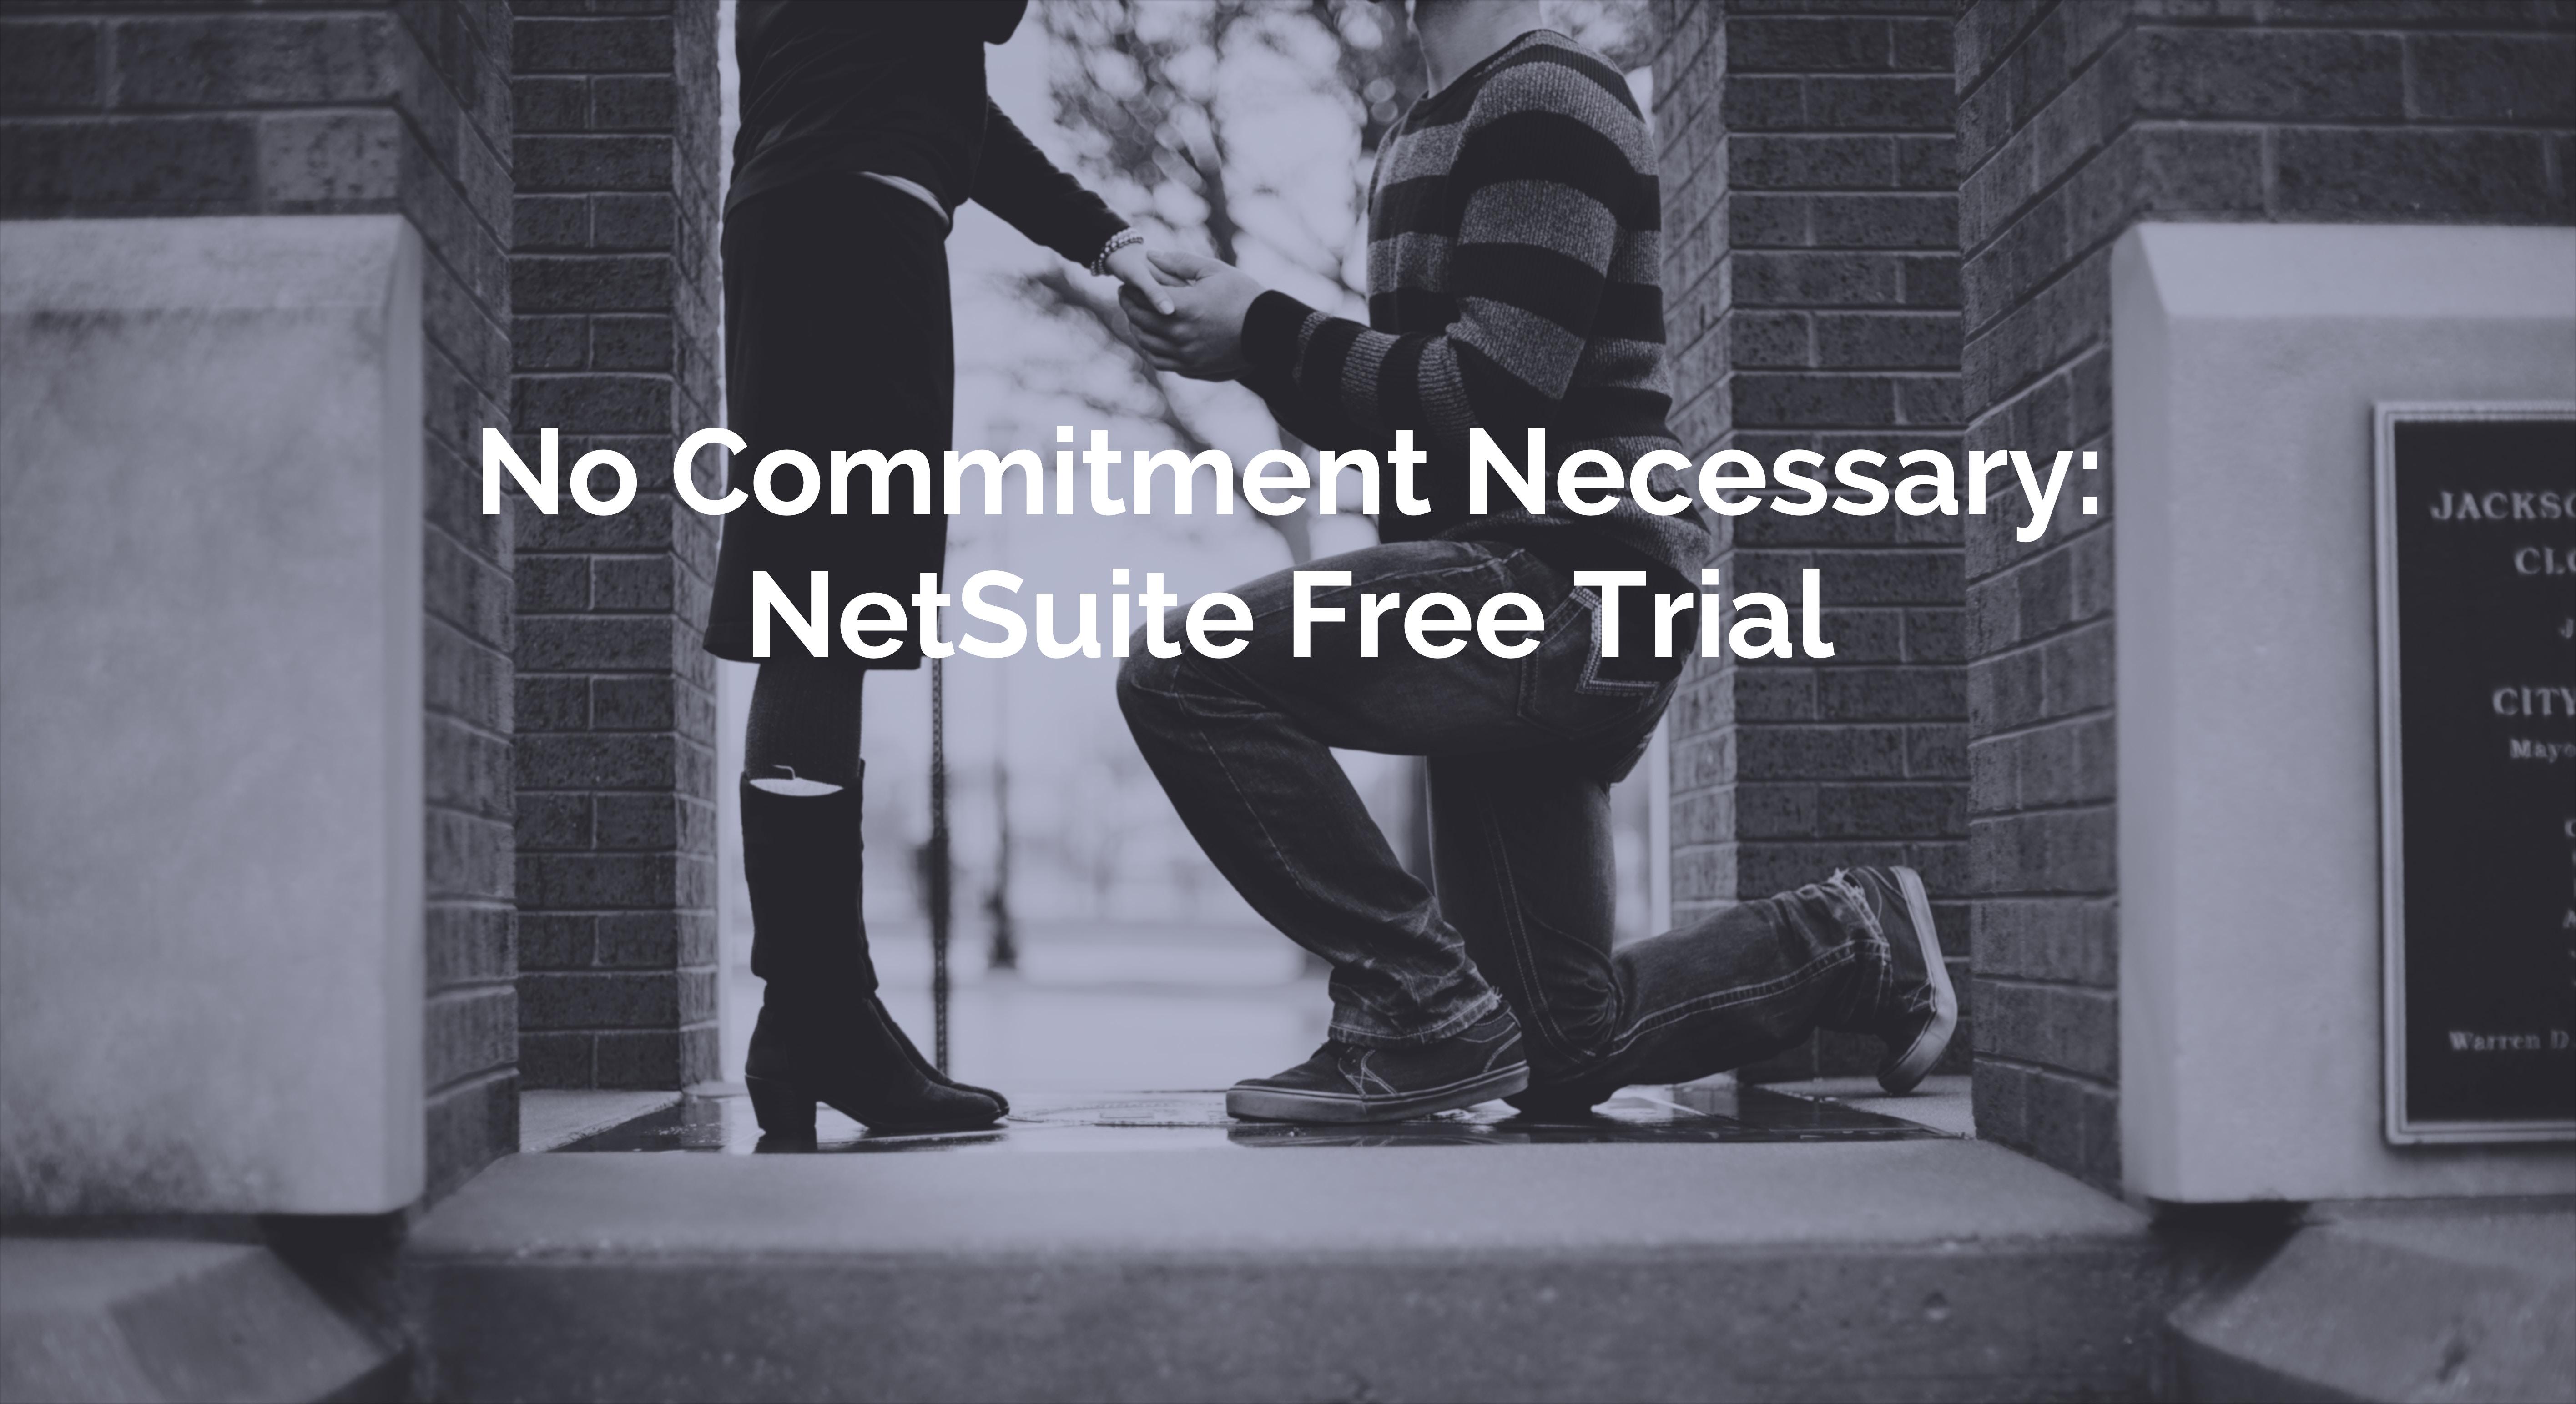 NetSuite Free Trial.jpg